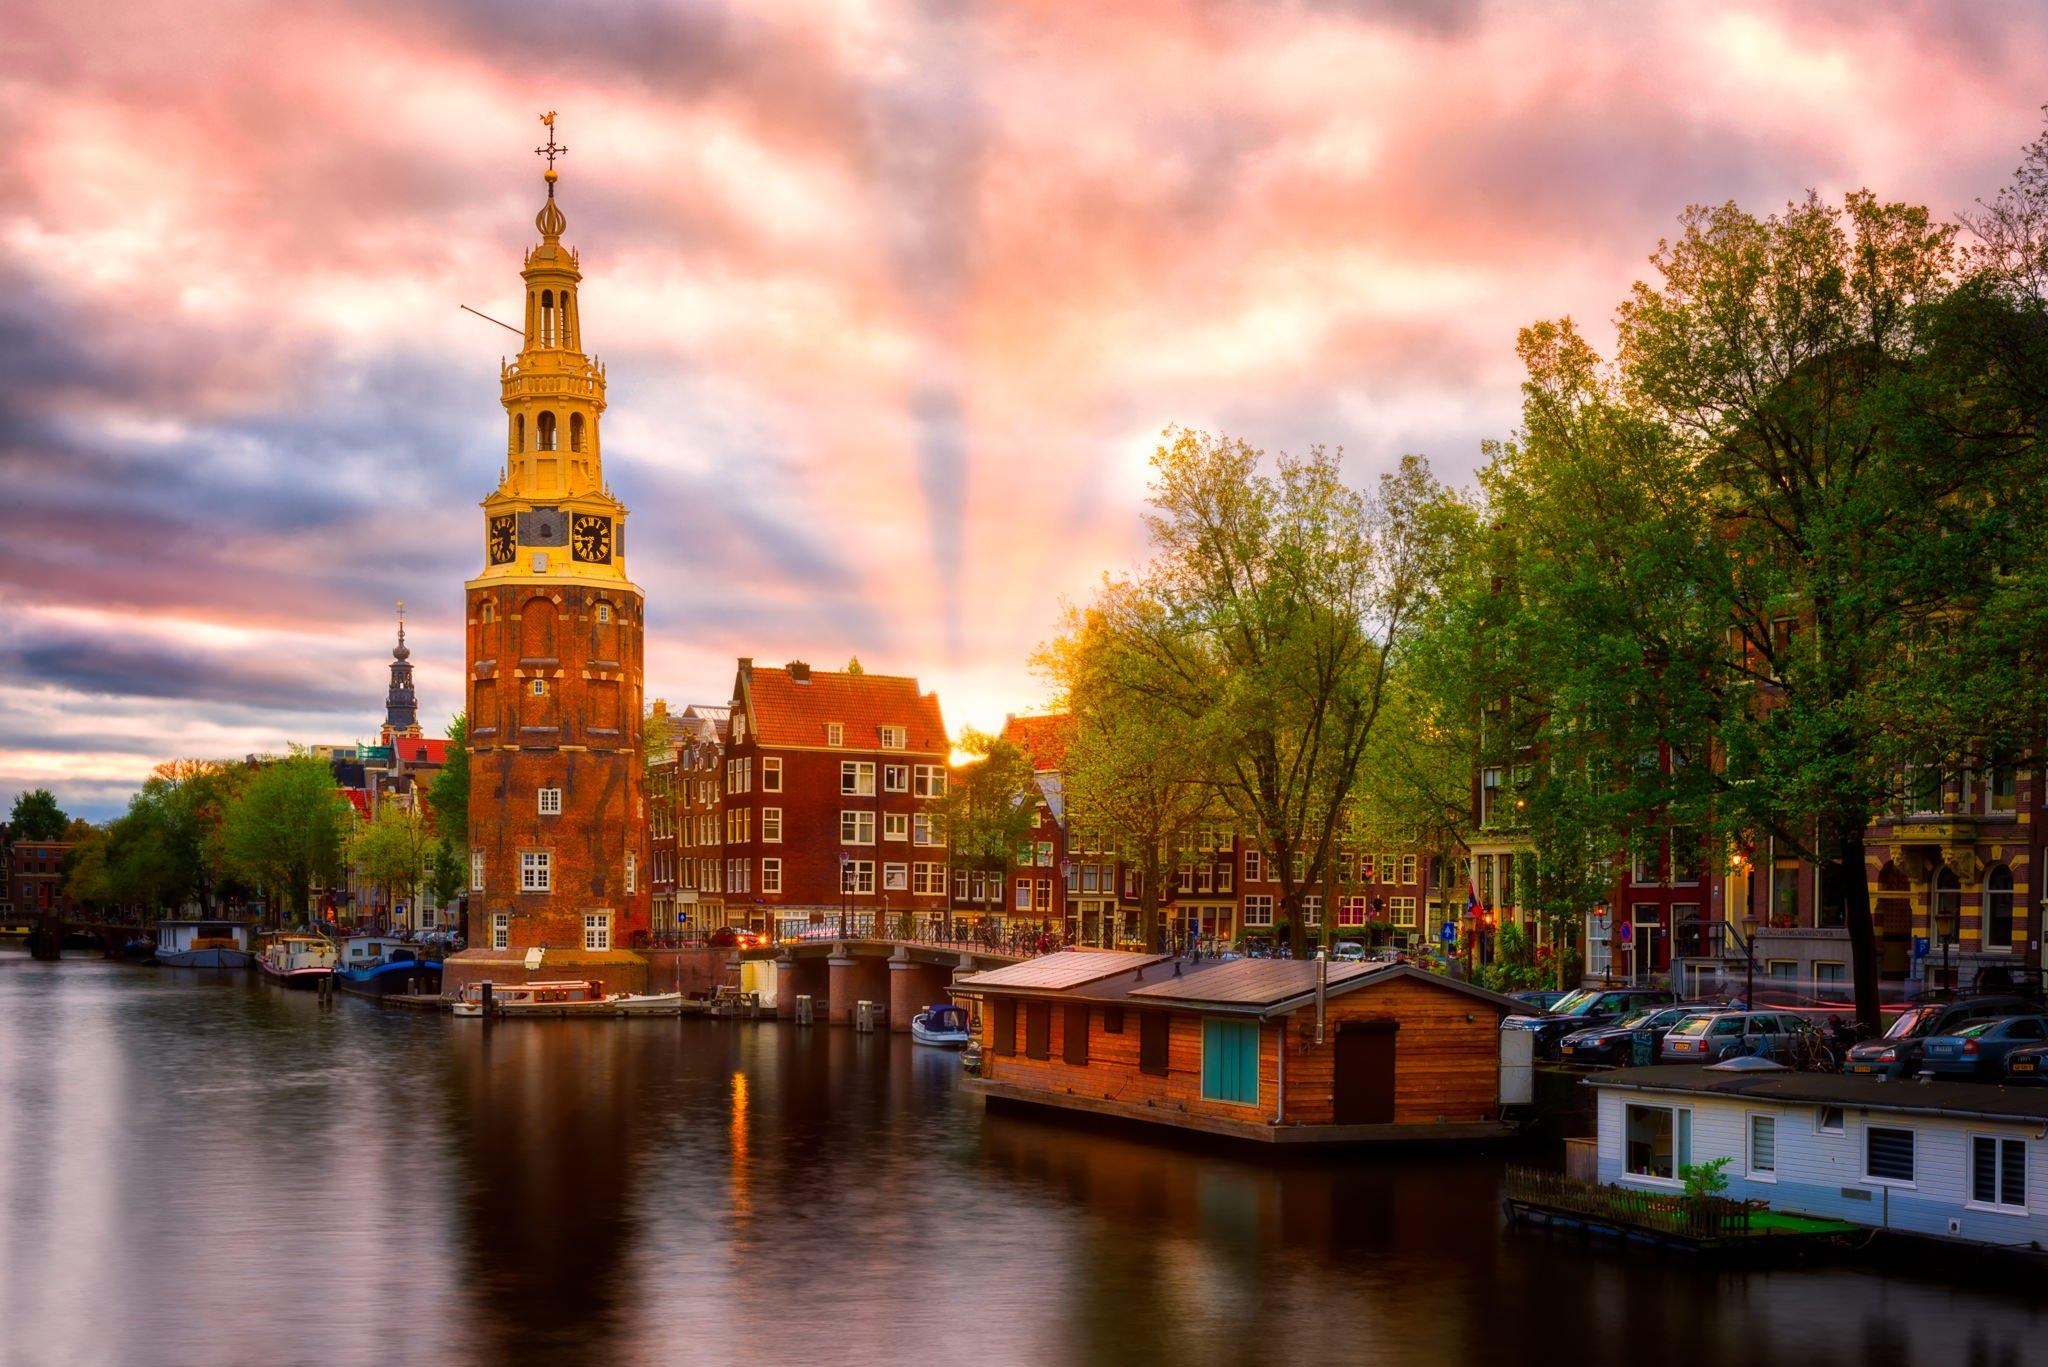 Montelbaanstoren | Amsterdam, Netherlands